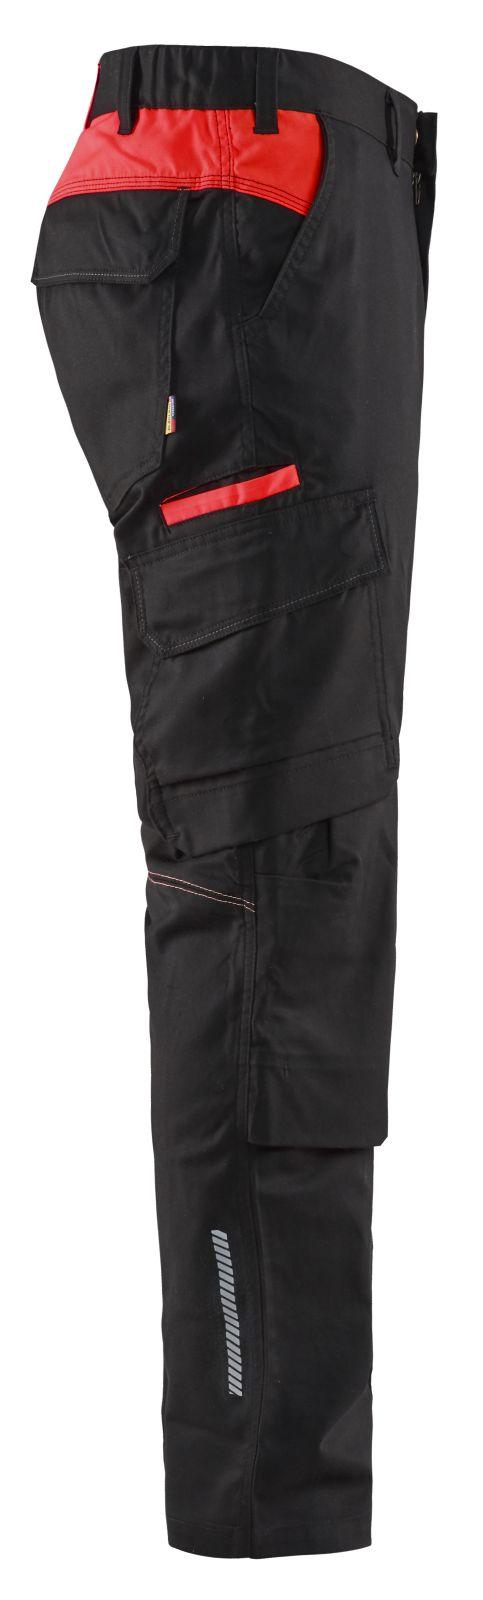 Blaklader Broeken 14481832 zwart-rood(9956)